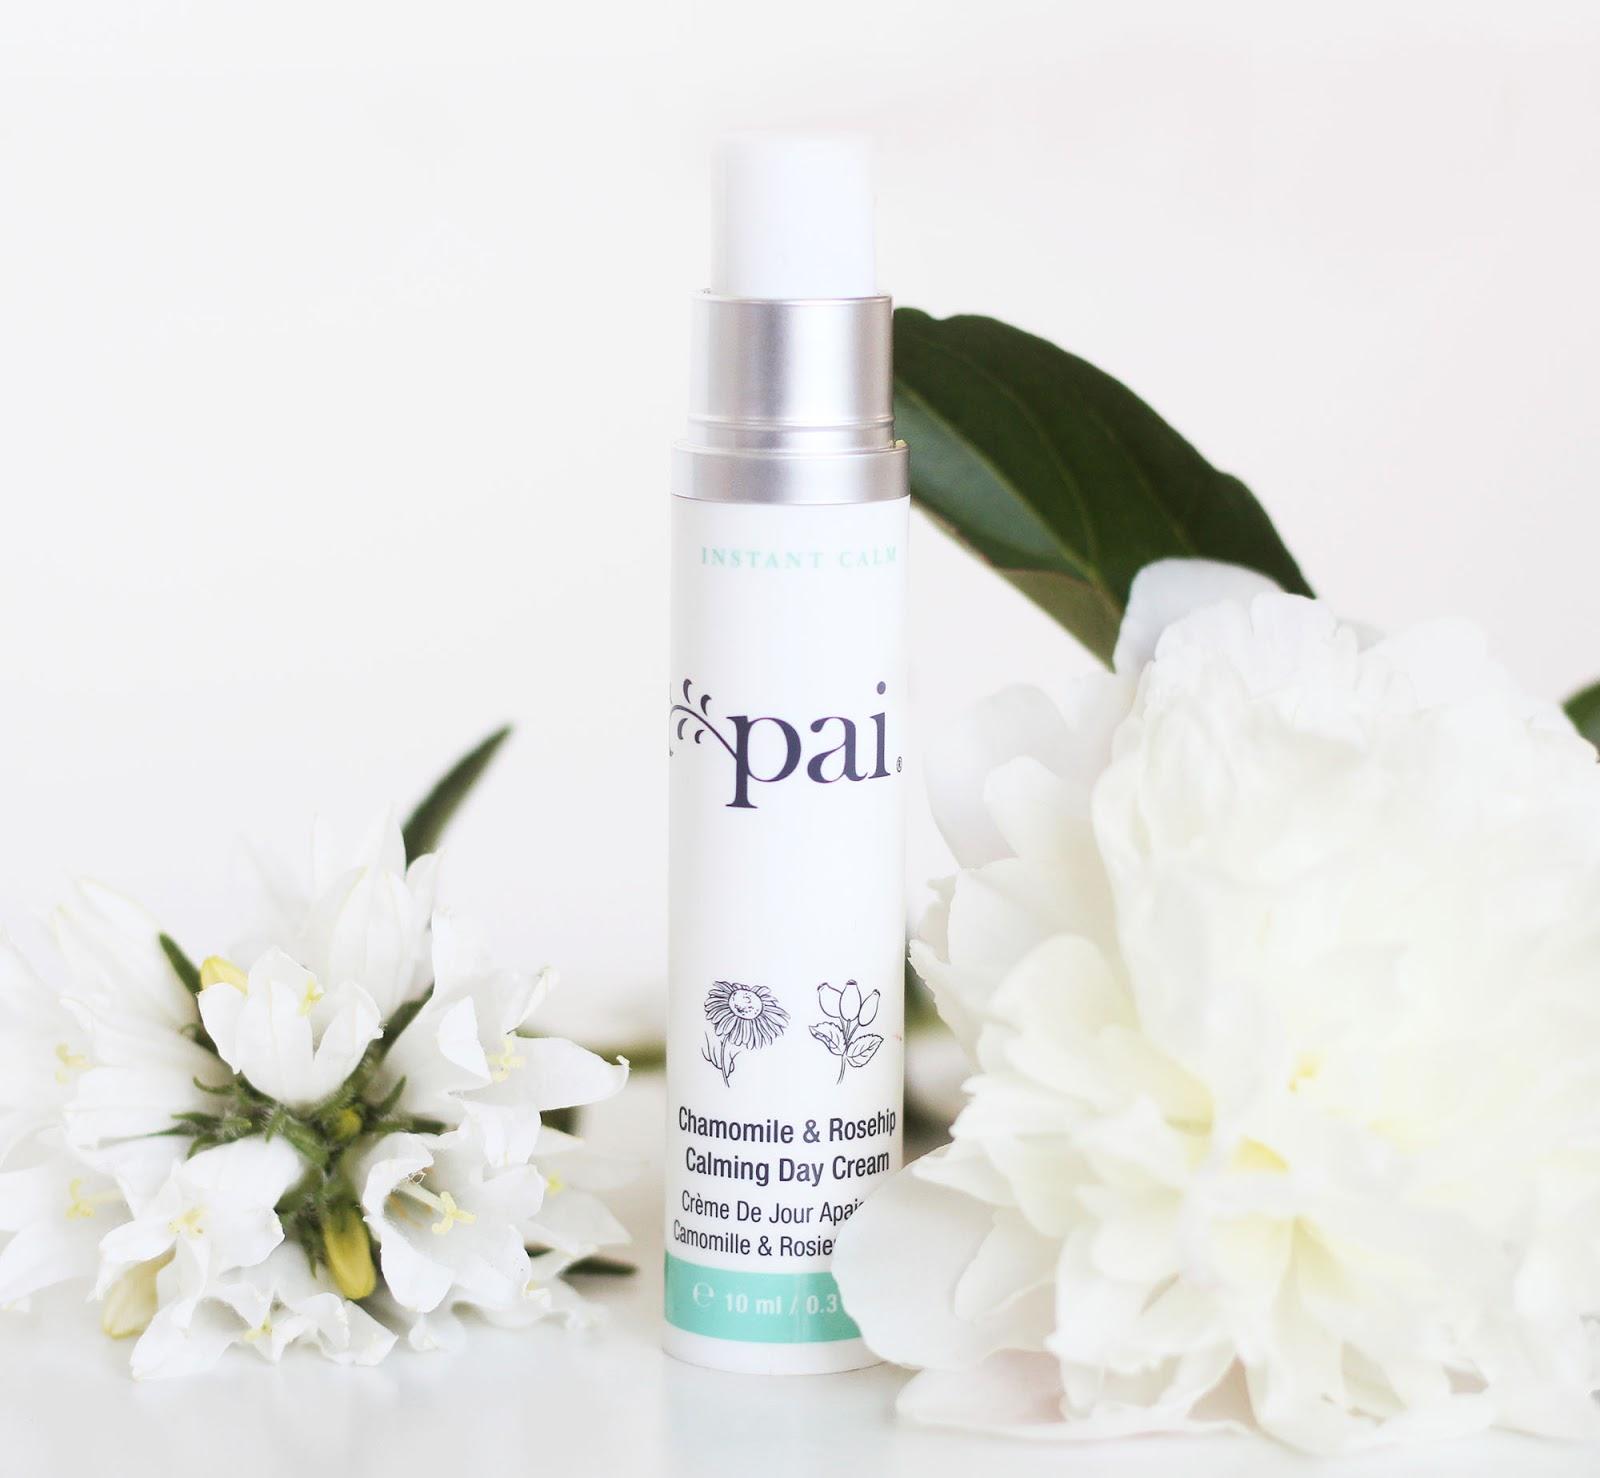 Pai Instant Calm: Chamomile & Rosehip Calming Day Cream -的圖片搜尋結果